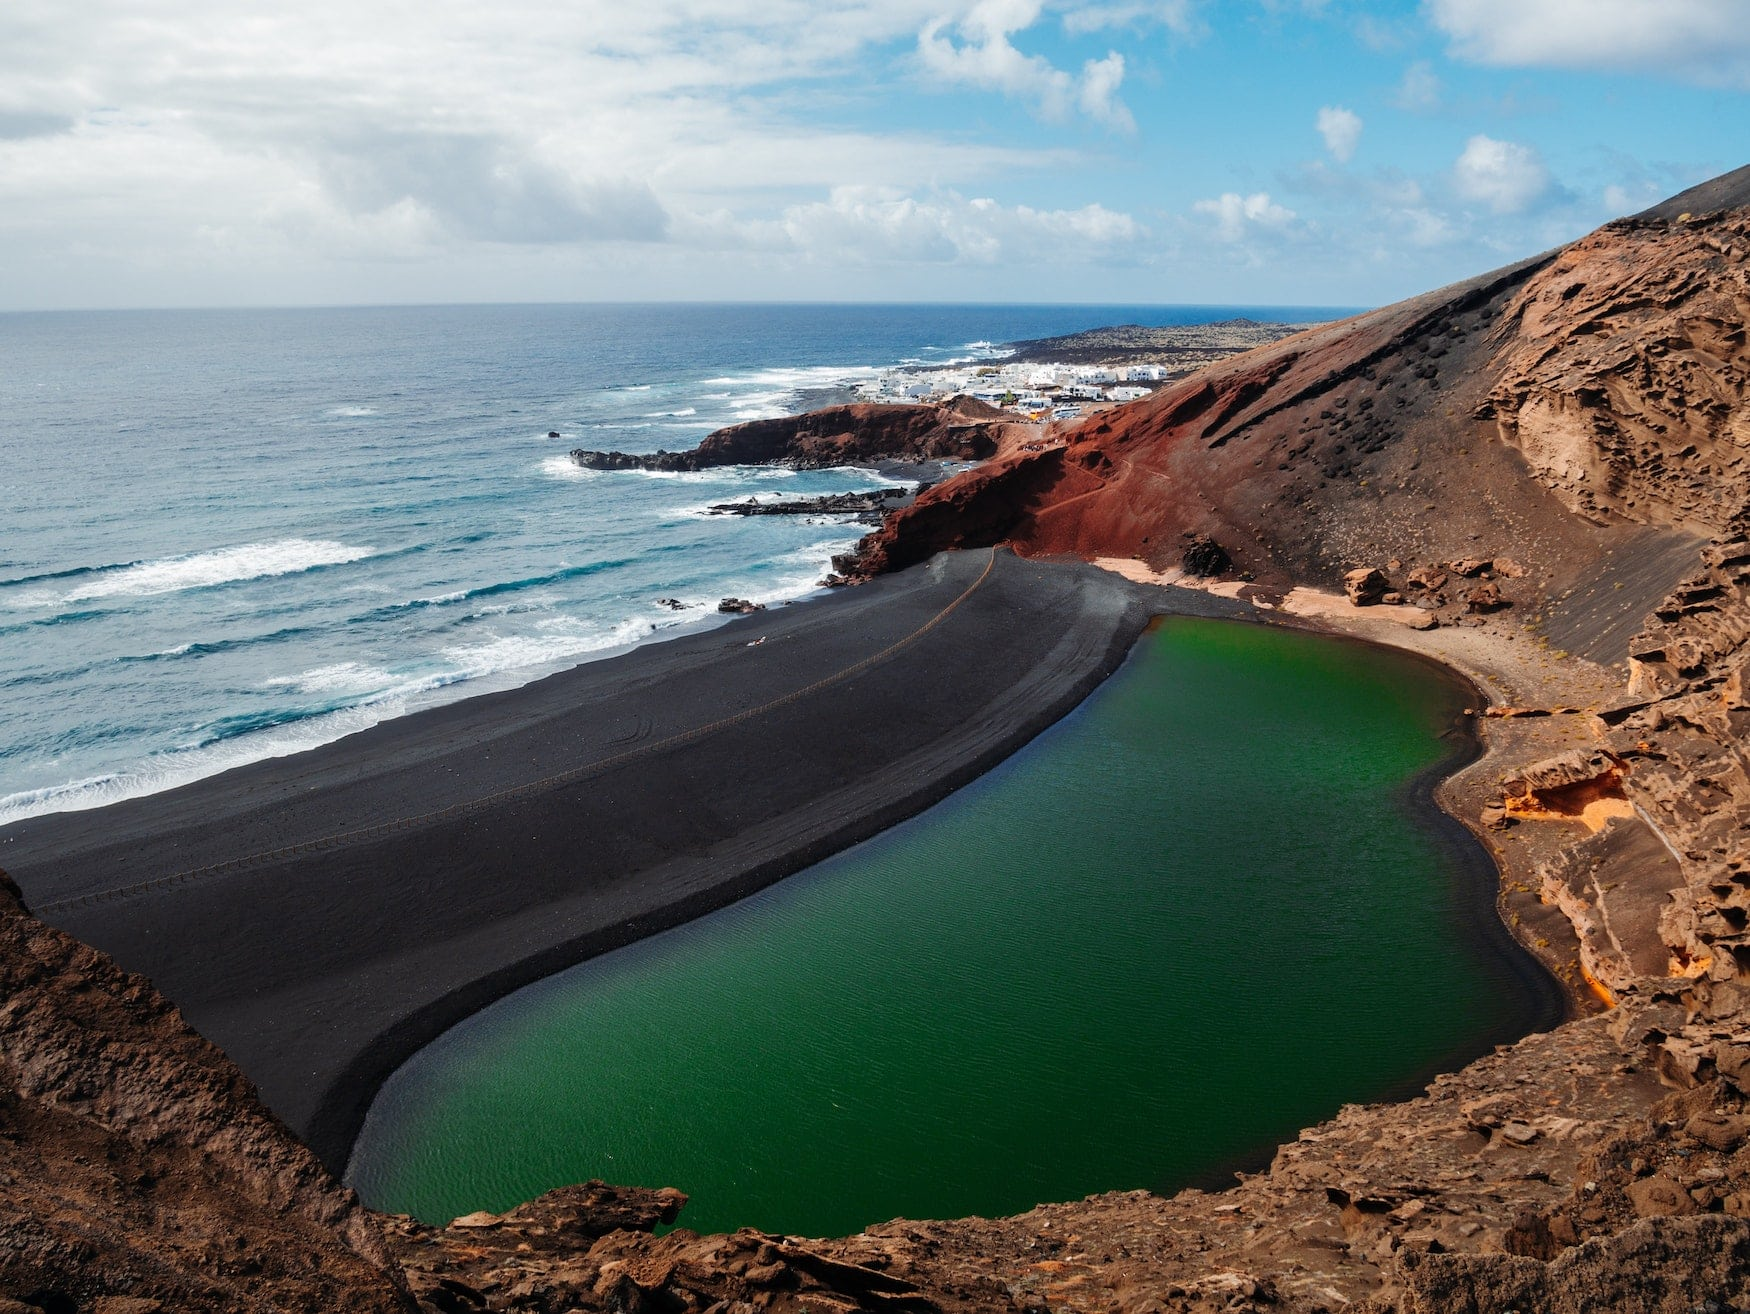 Blick auf eine Lagune vor der Küste von Lanzarote